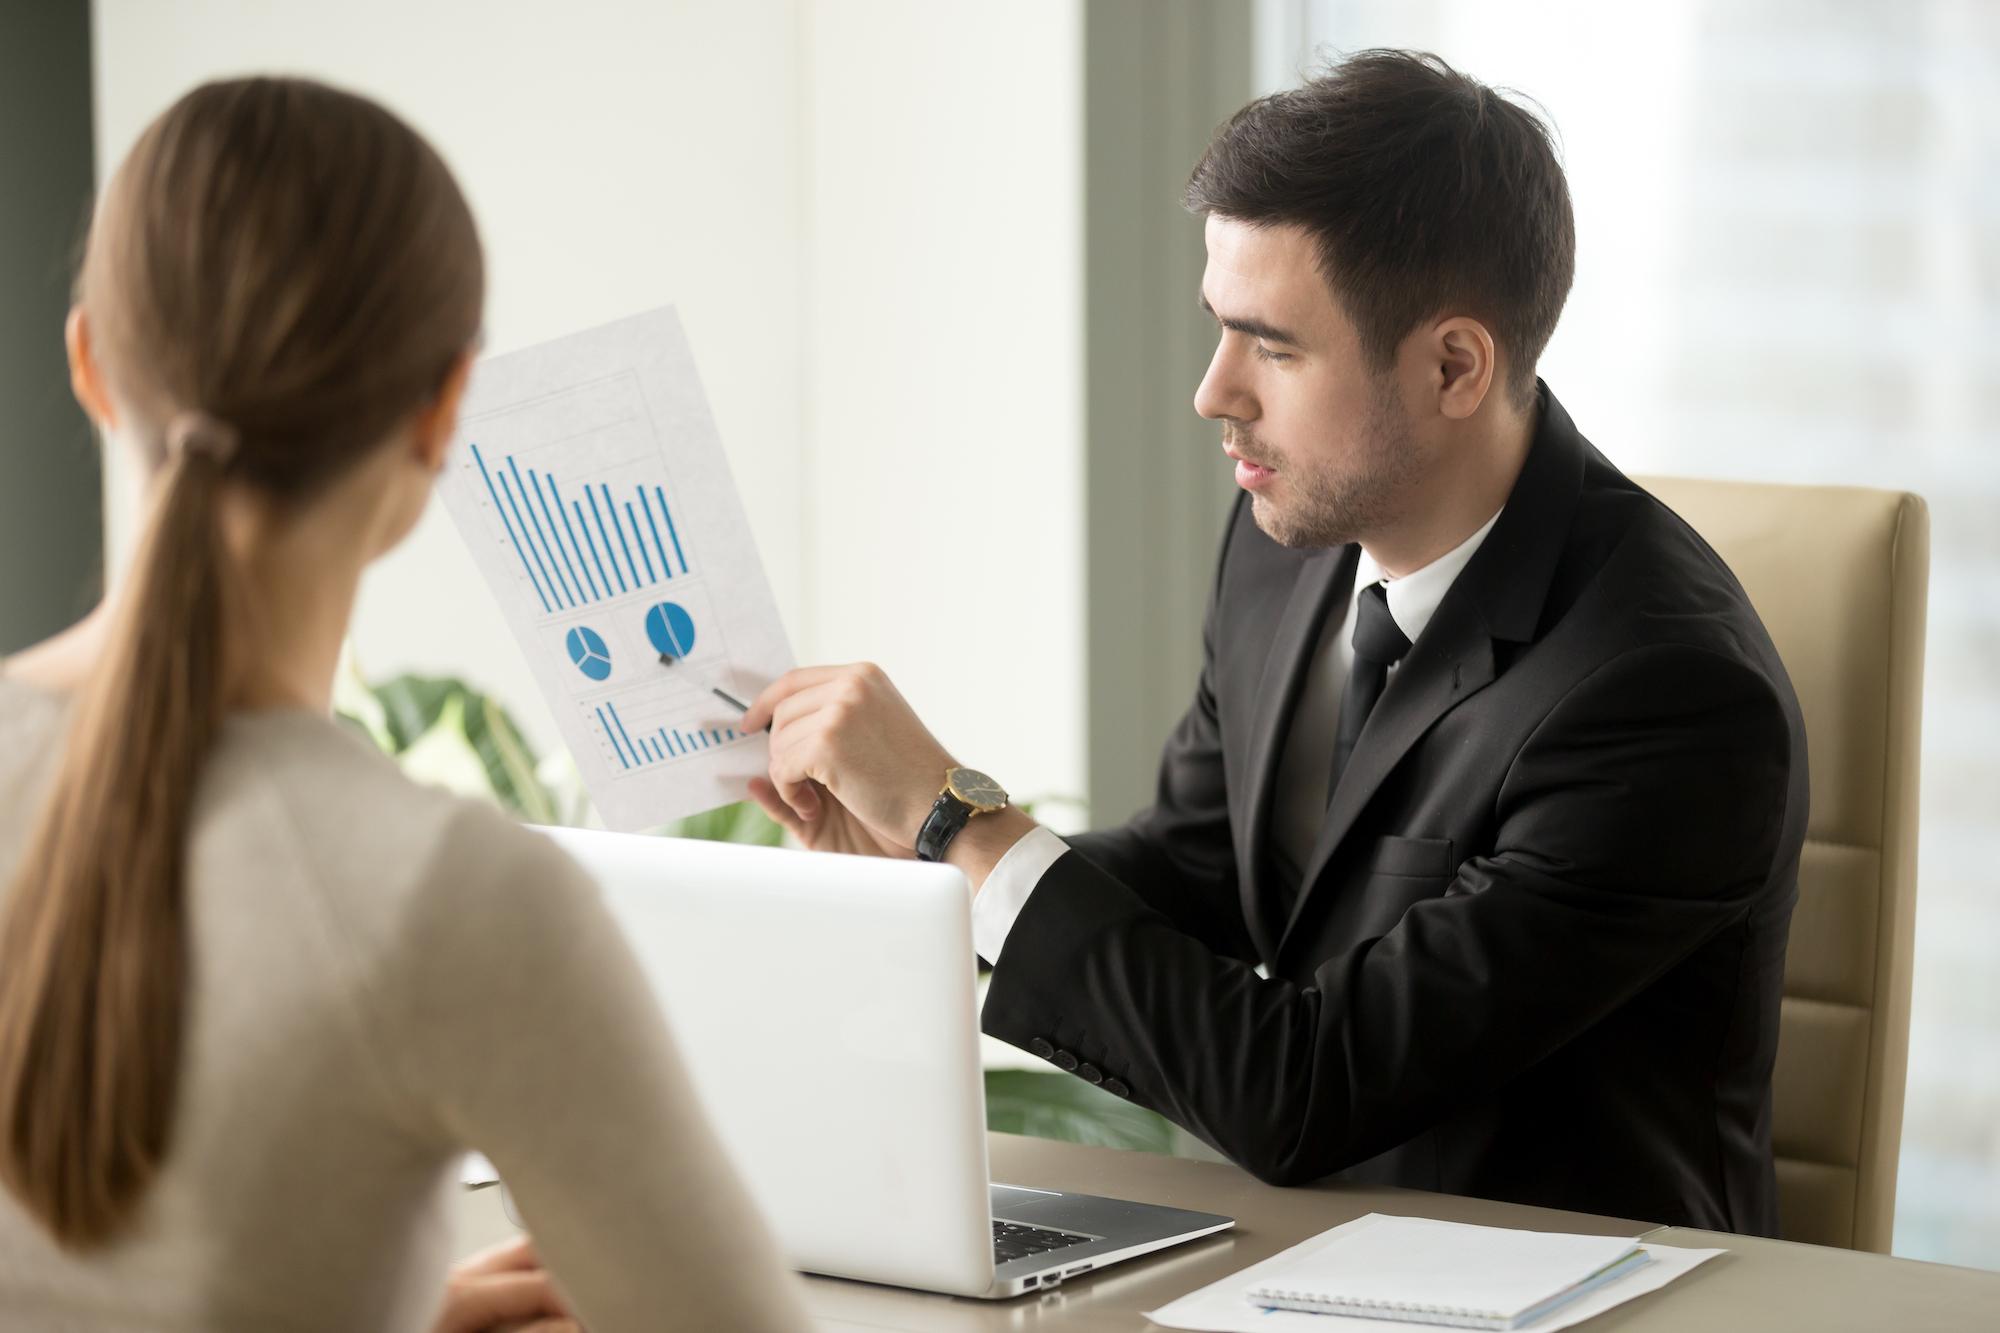 conseiller-professionnel-gestion-patrimoine